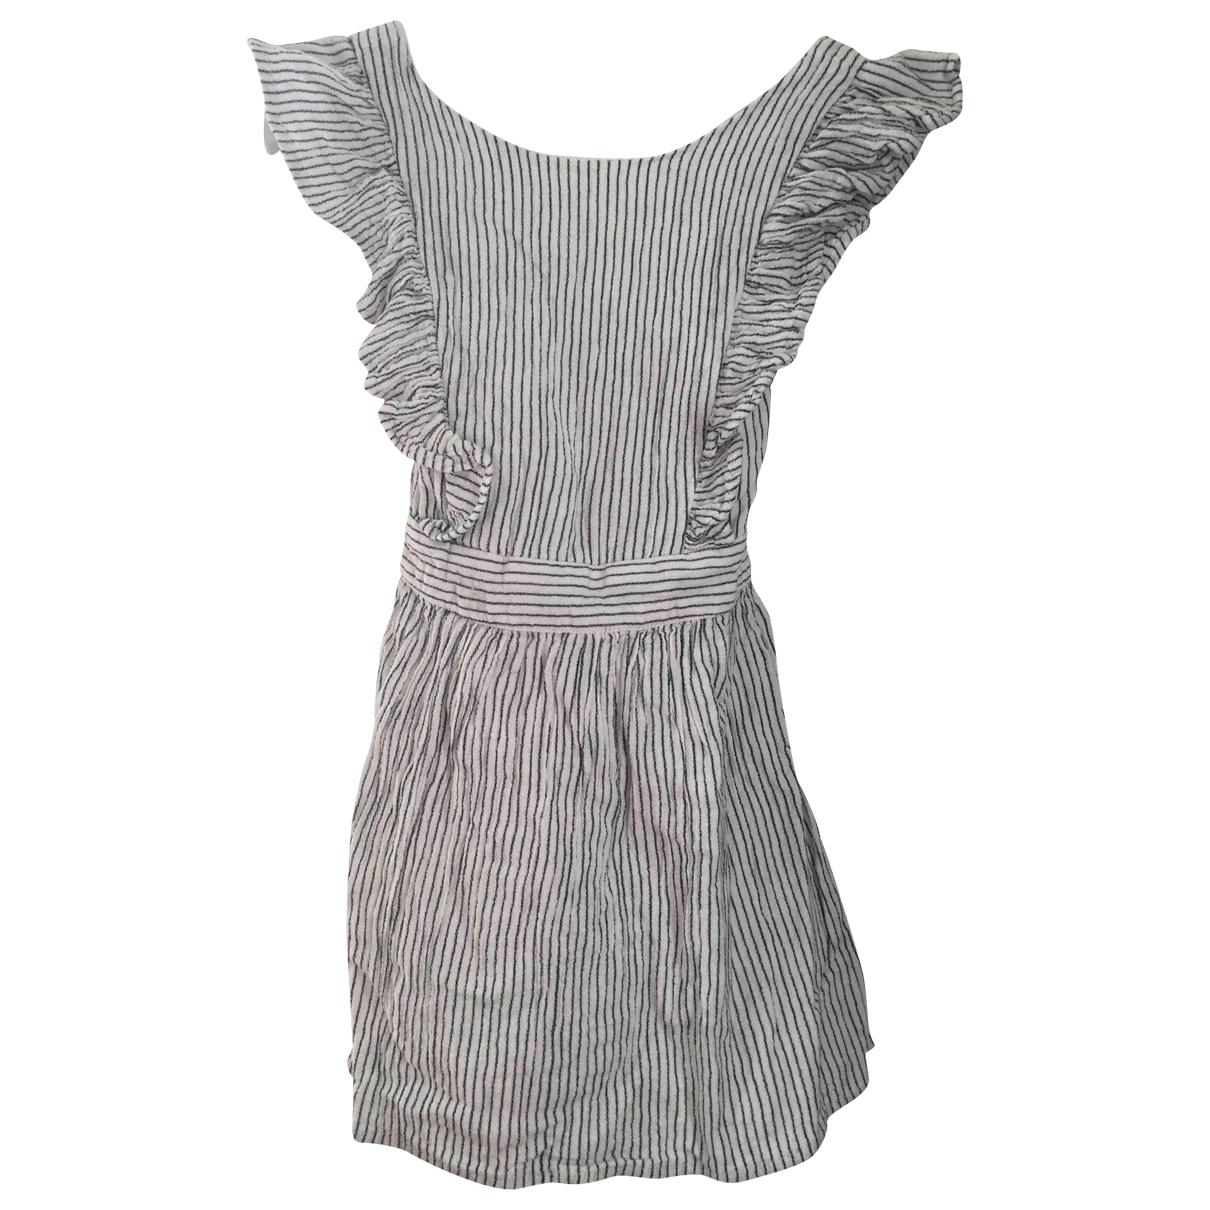 Cyrillus \N Kleid in  Weiss Baumwolle